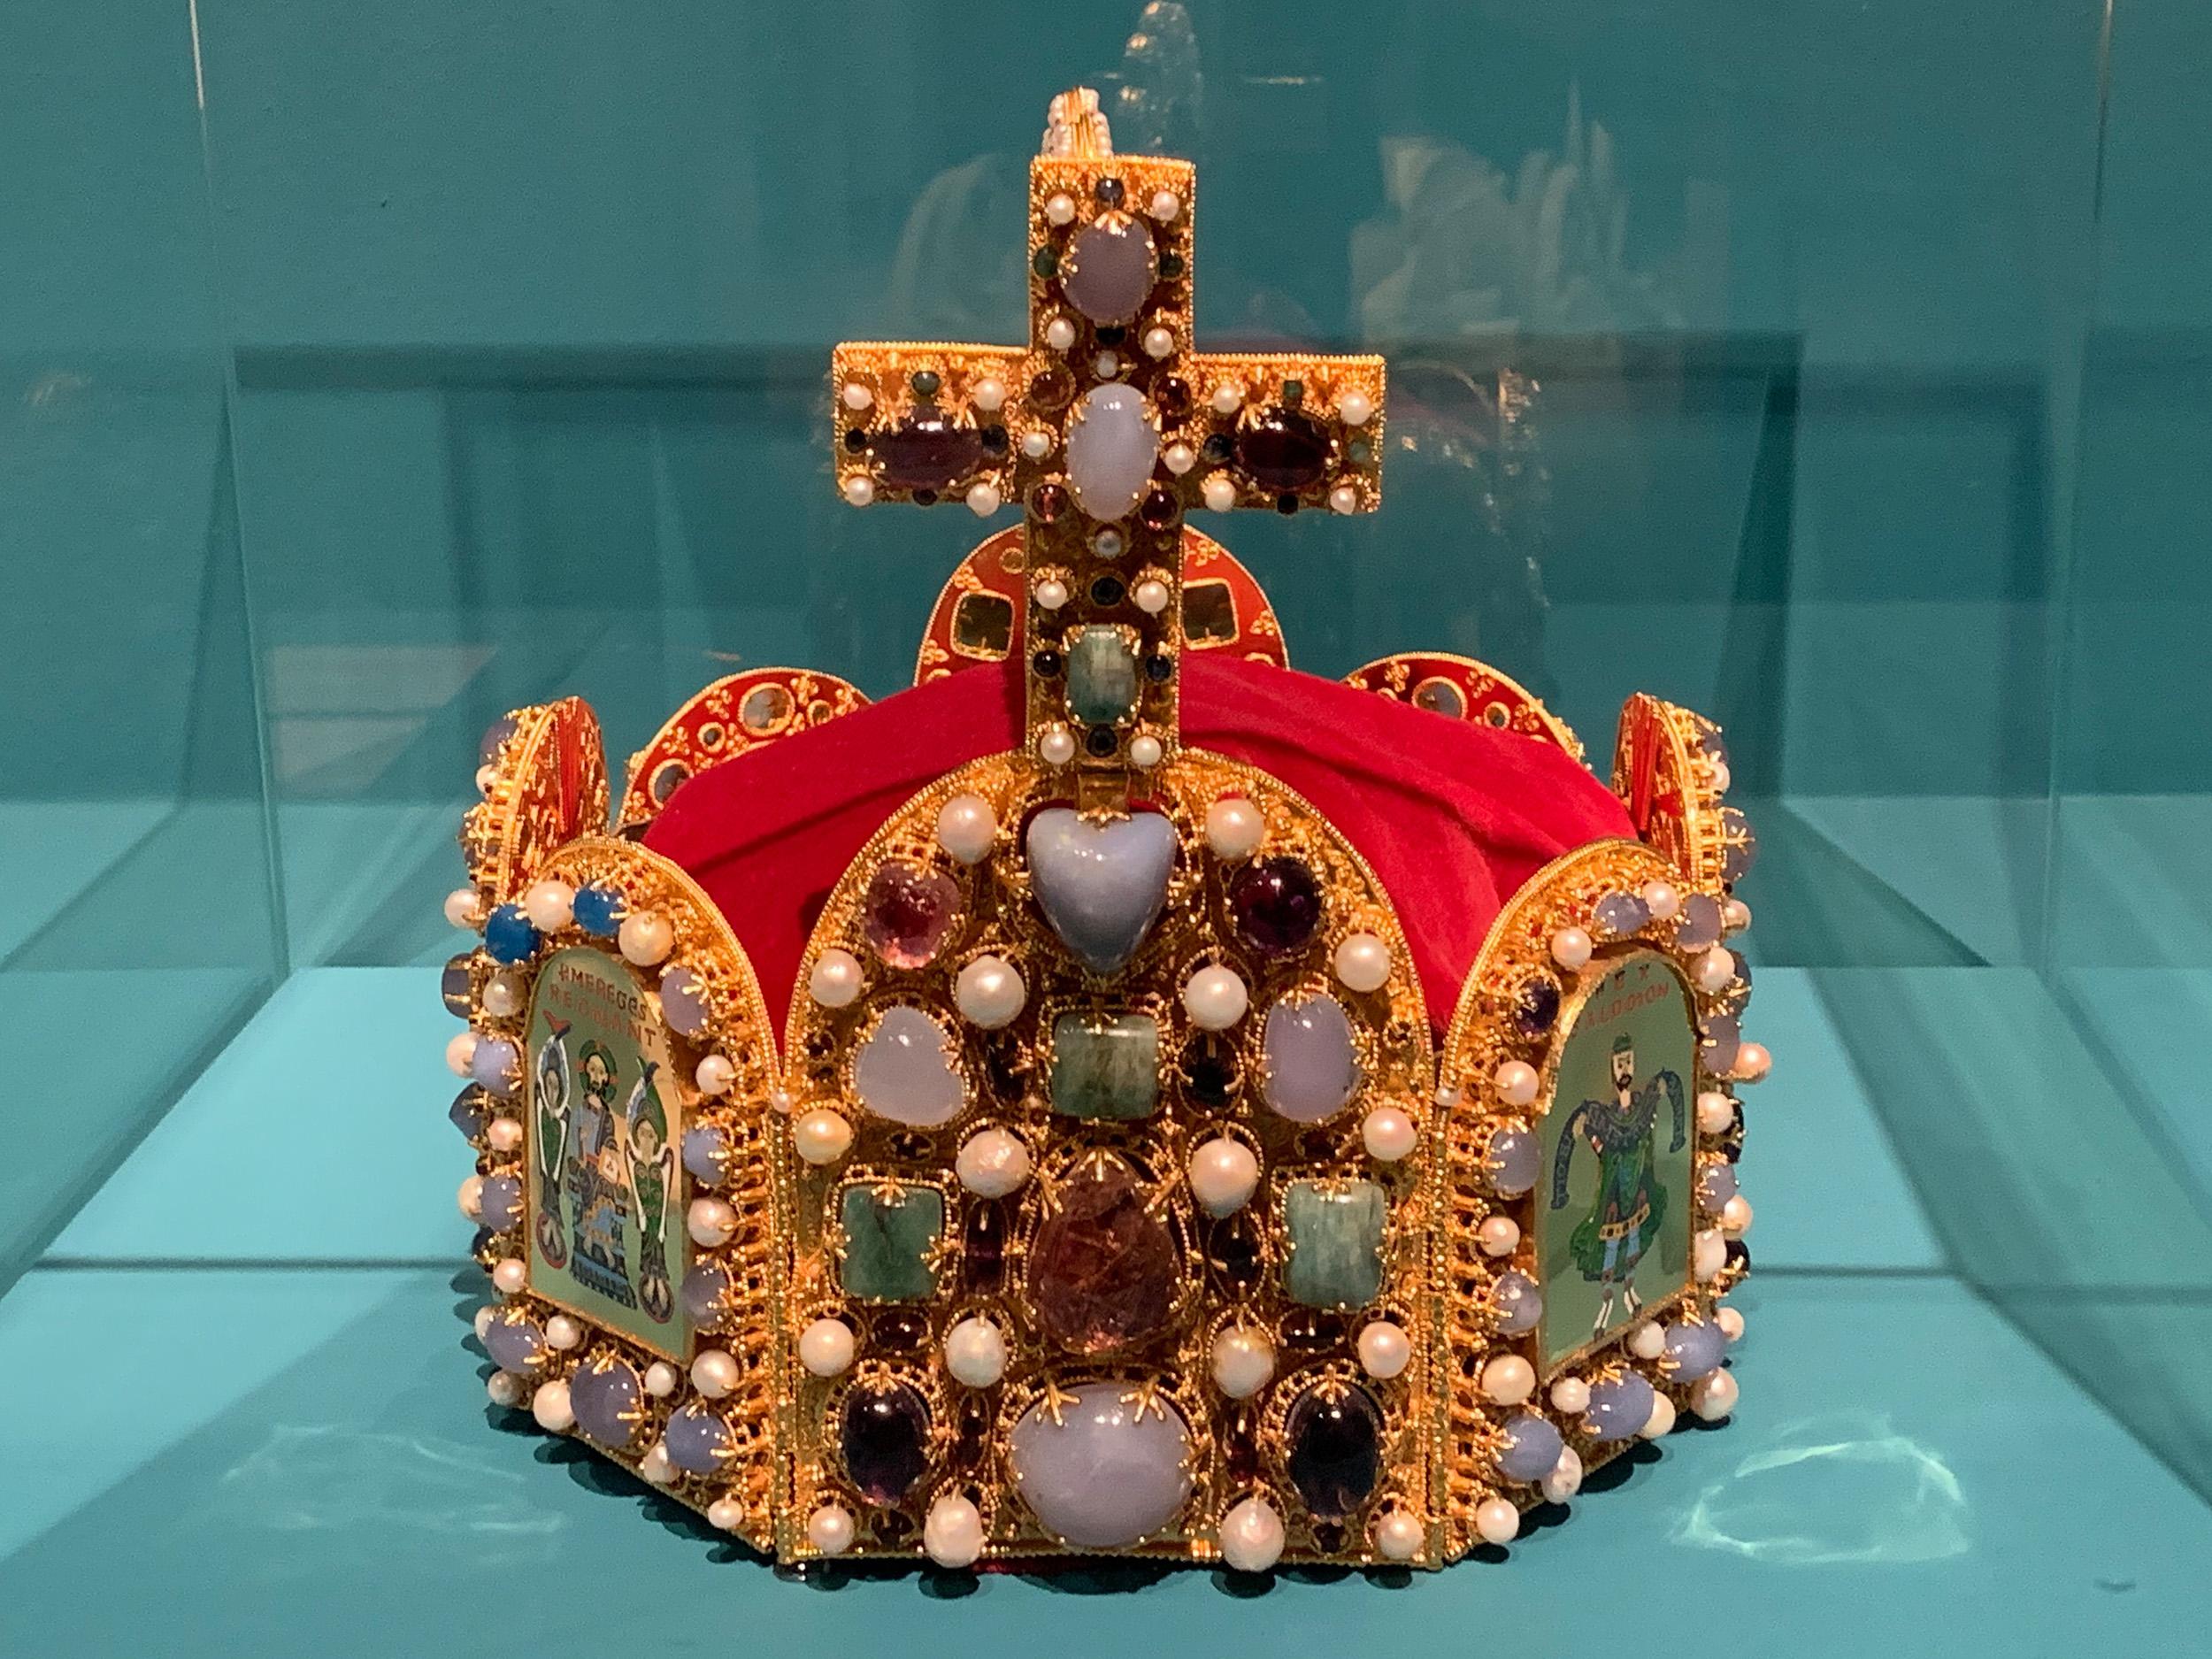 Nachbildung der Reichskrone, Gerdi Glanzner, 1994, Mittelalterliches Kriminalmuseum, Rothenburg ob der Tauber